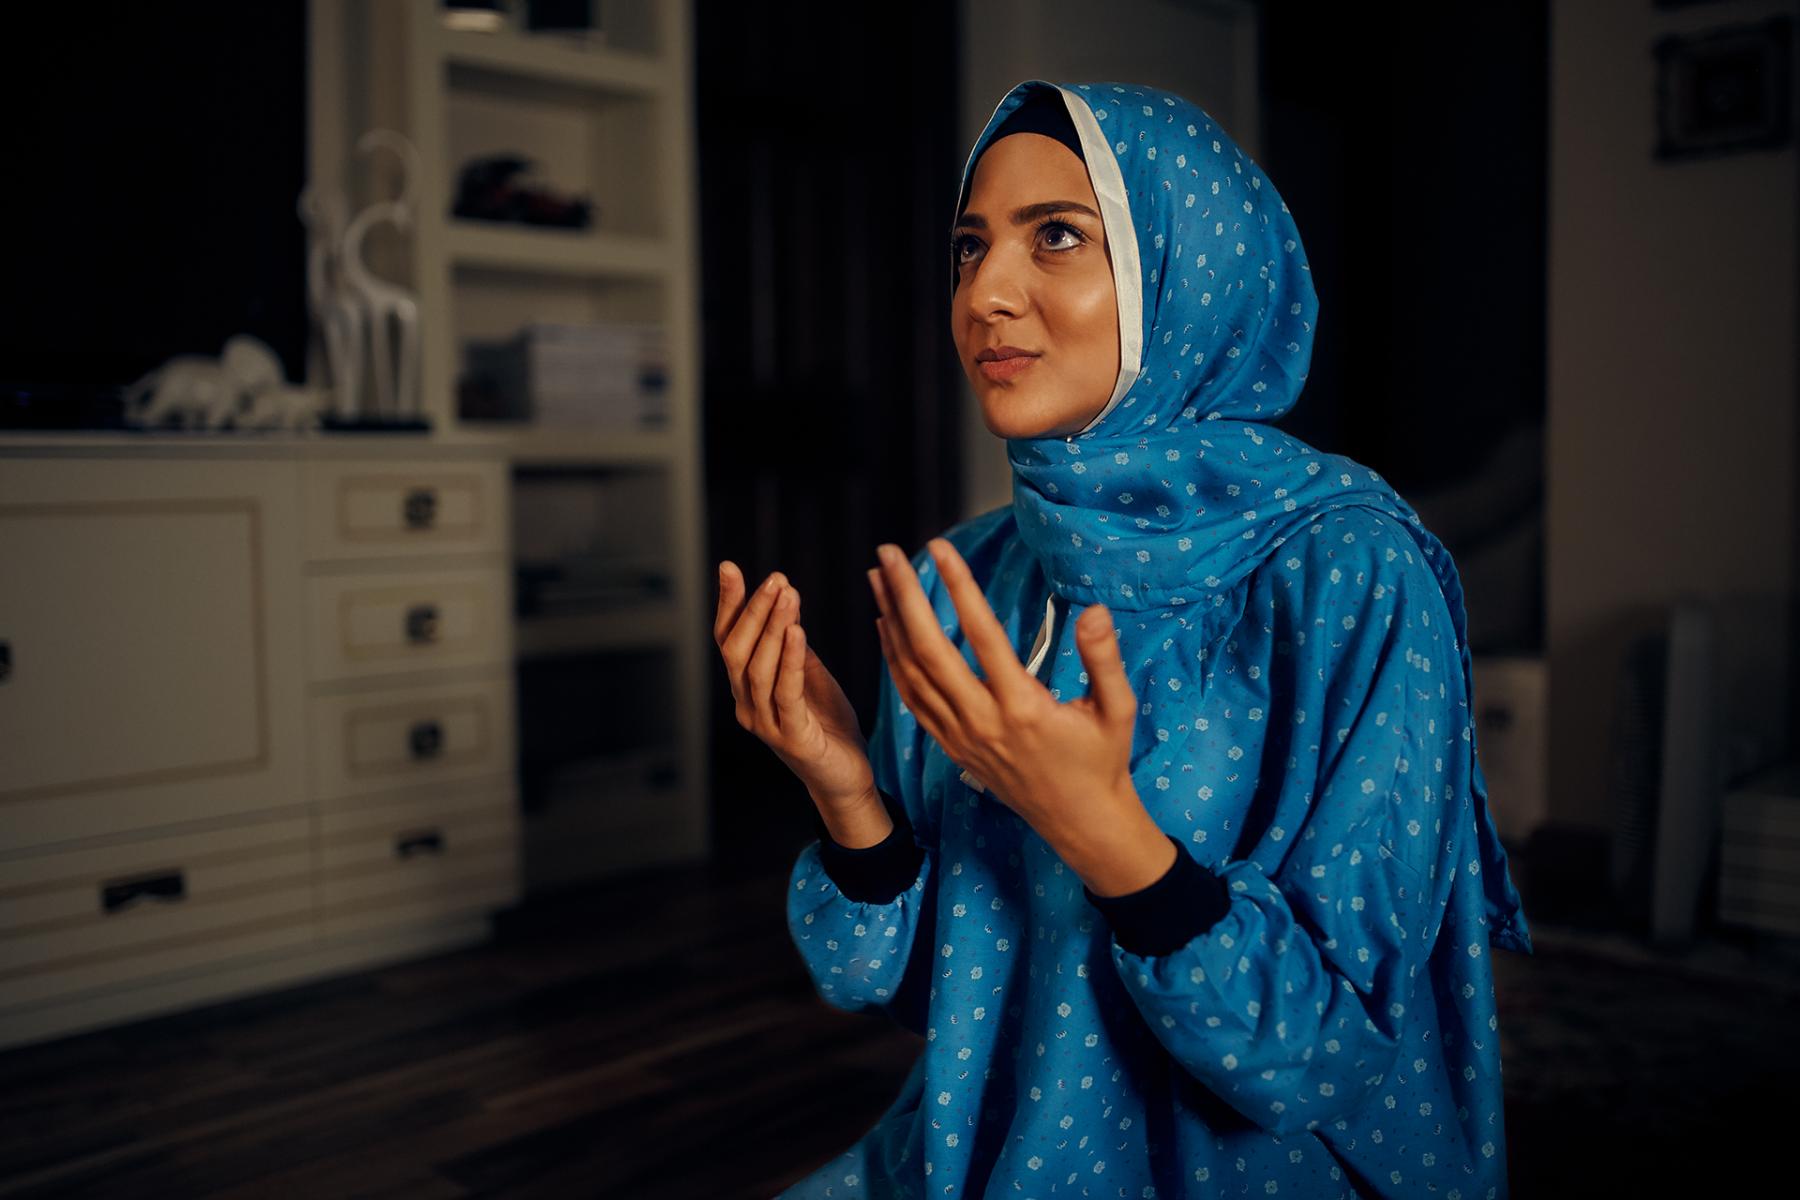 фото Рамадан-2021: когда начнётся праздник, правила проведения и суровые мусульманские запреты 3